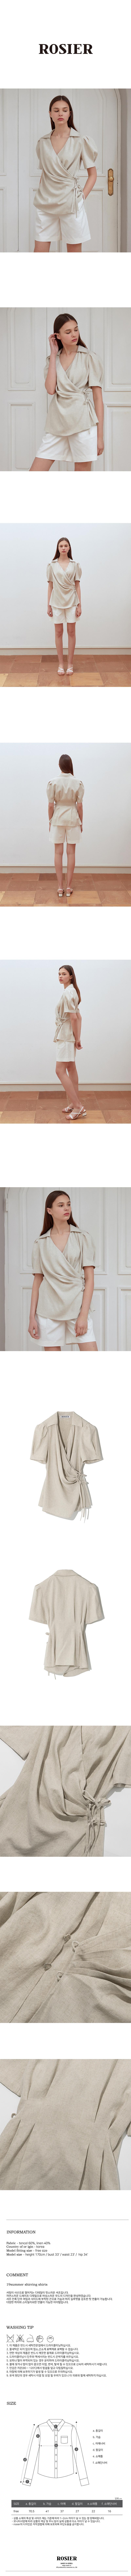 로지에(ROSIER) 19summer shirring shirts beige